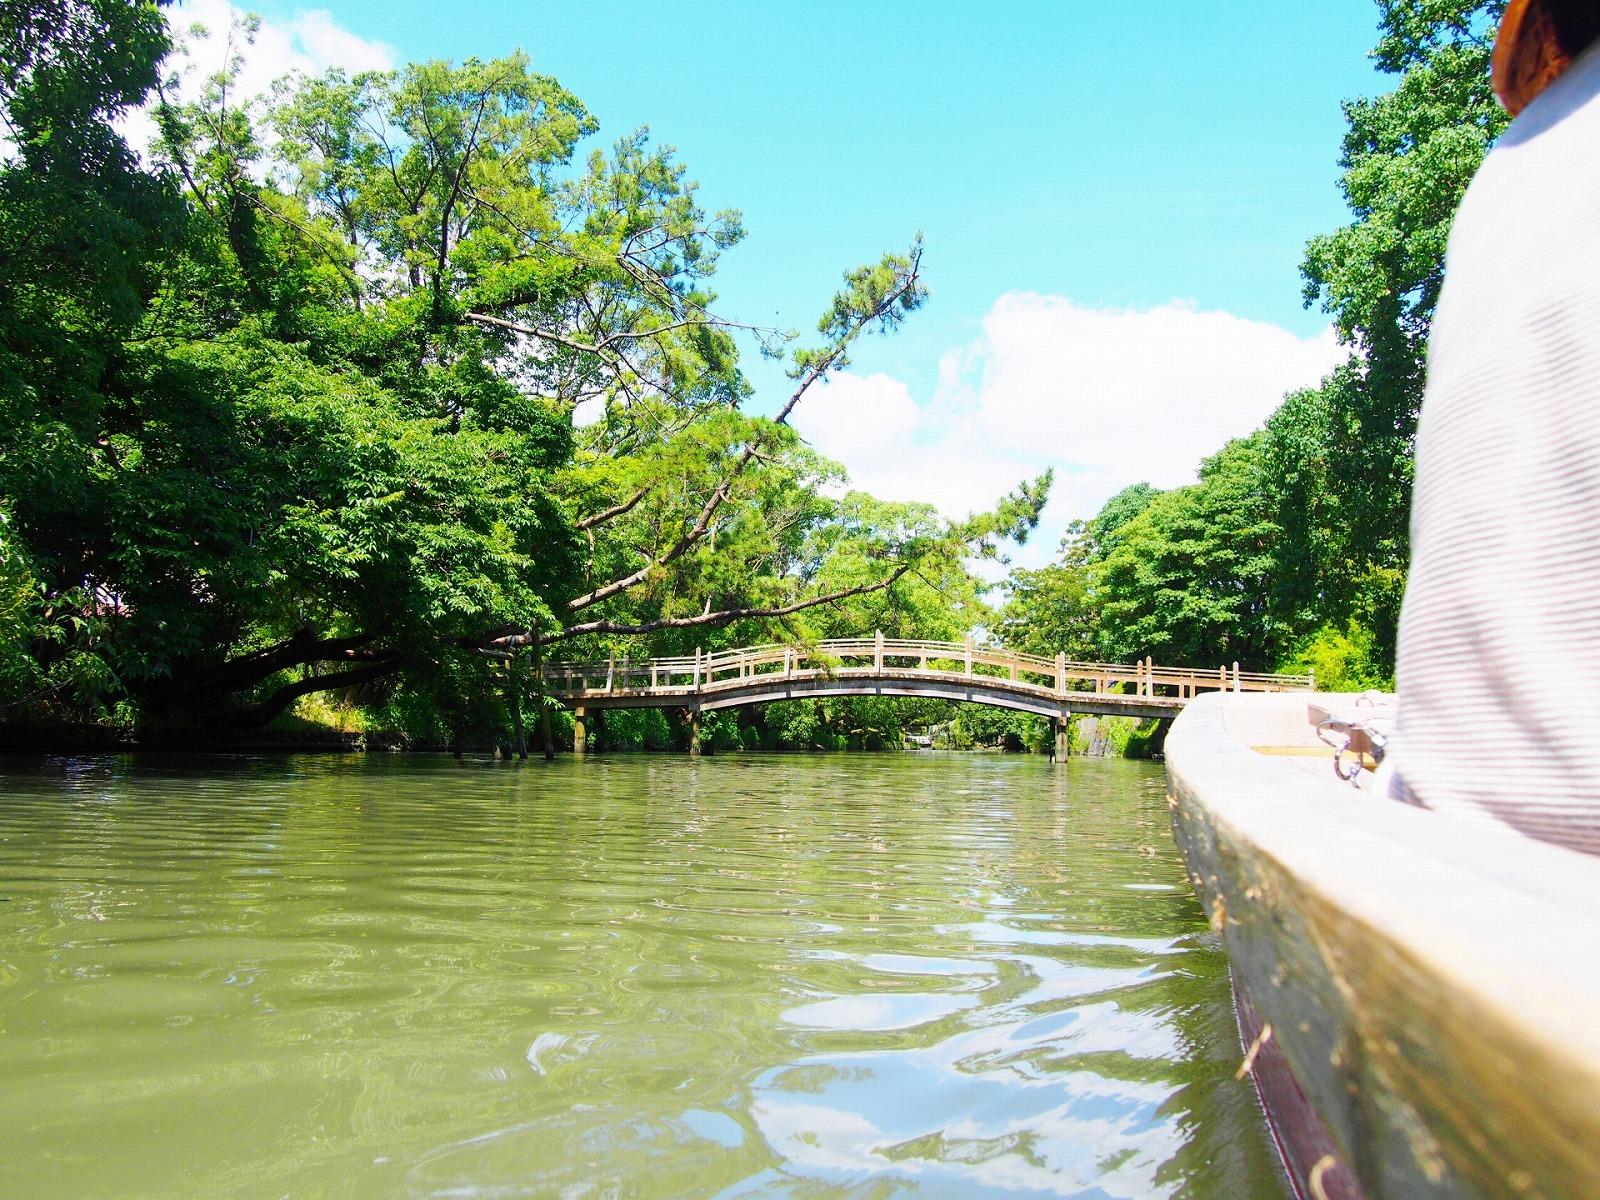 柳川「川下り」の会社を比較してみました。